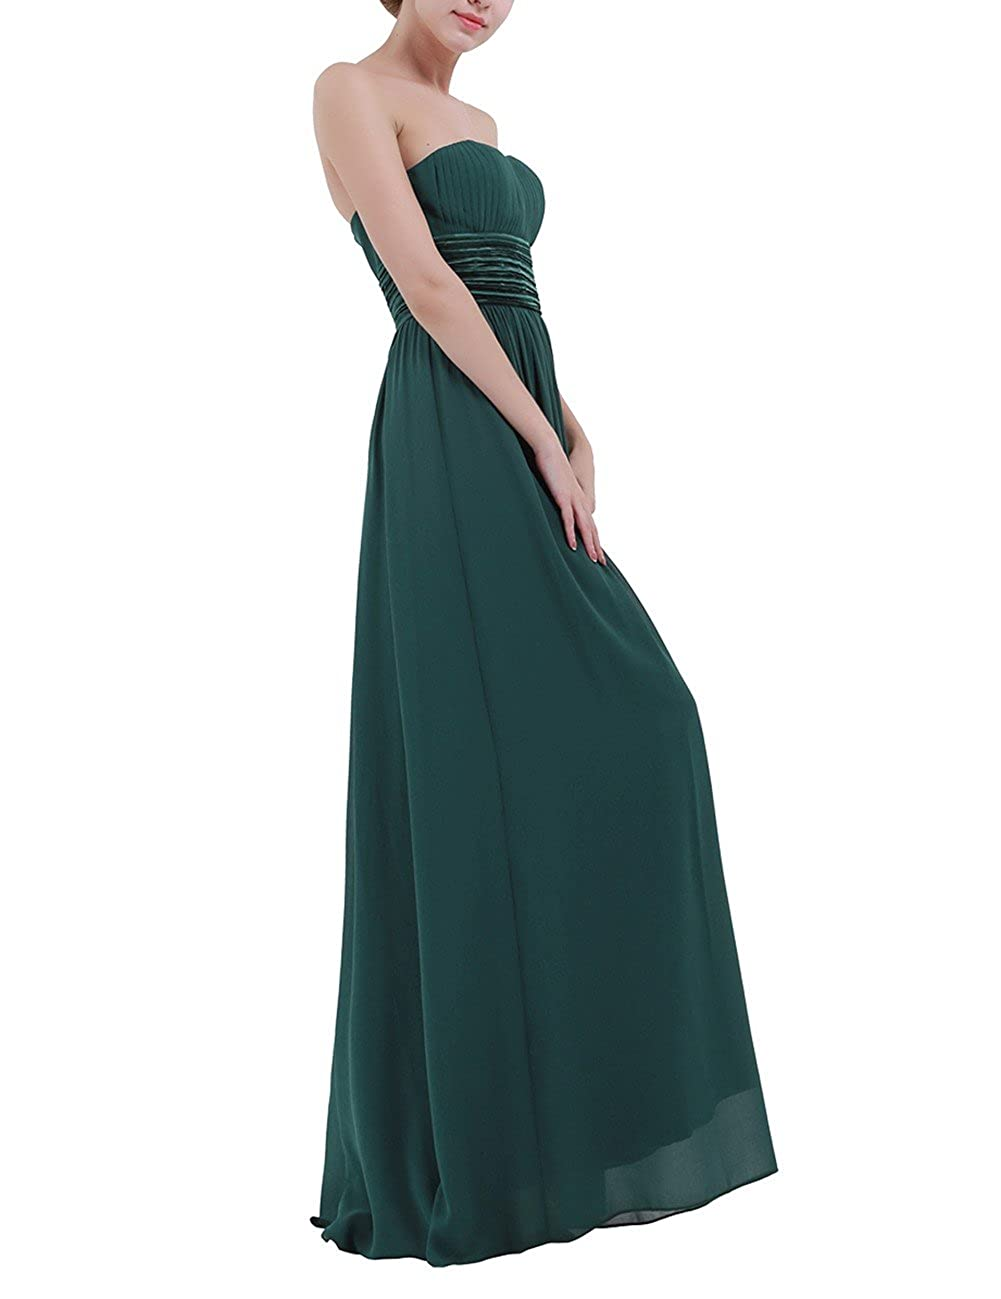 iiniim Robe de C/ér/émonie Mariage Longue Femme Mousseline Maxi Robe Bustier sans Manche D/éesse Robe de Mari/ée Soir/ée Banquet Chic Grande Taille Haute Moulante XS-3XL